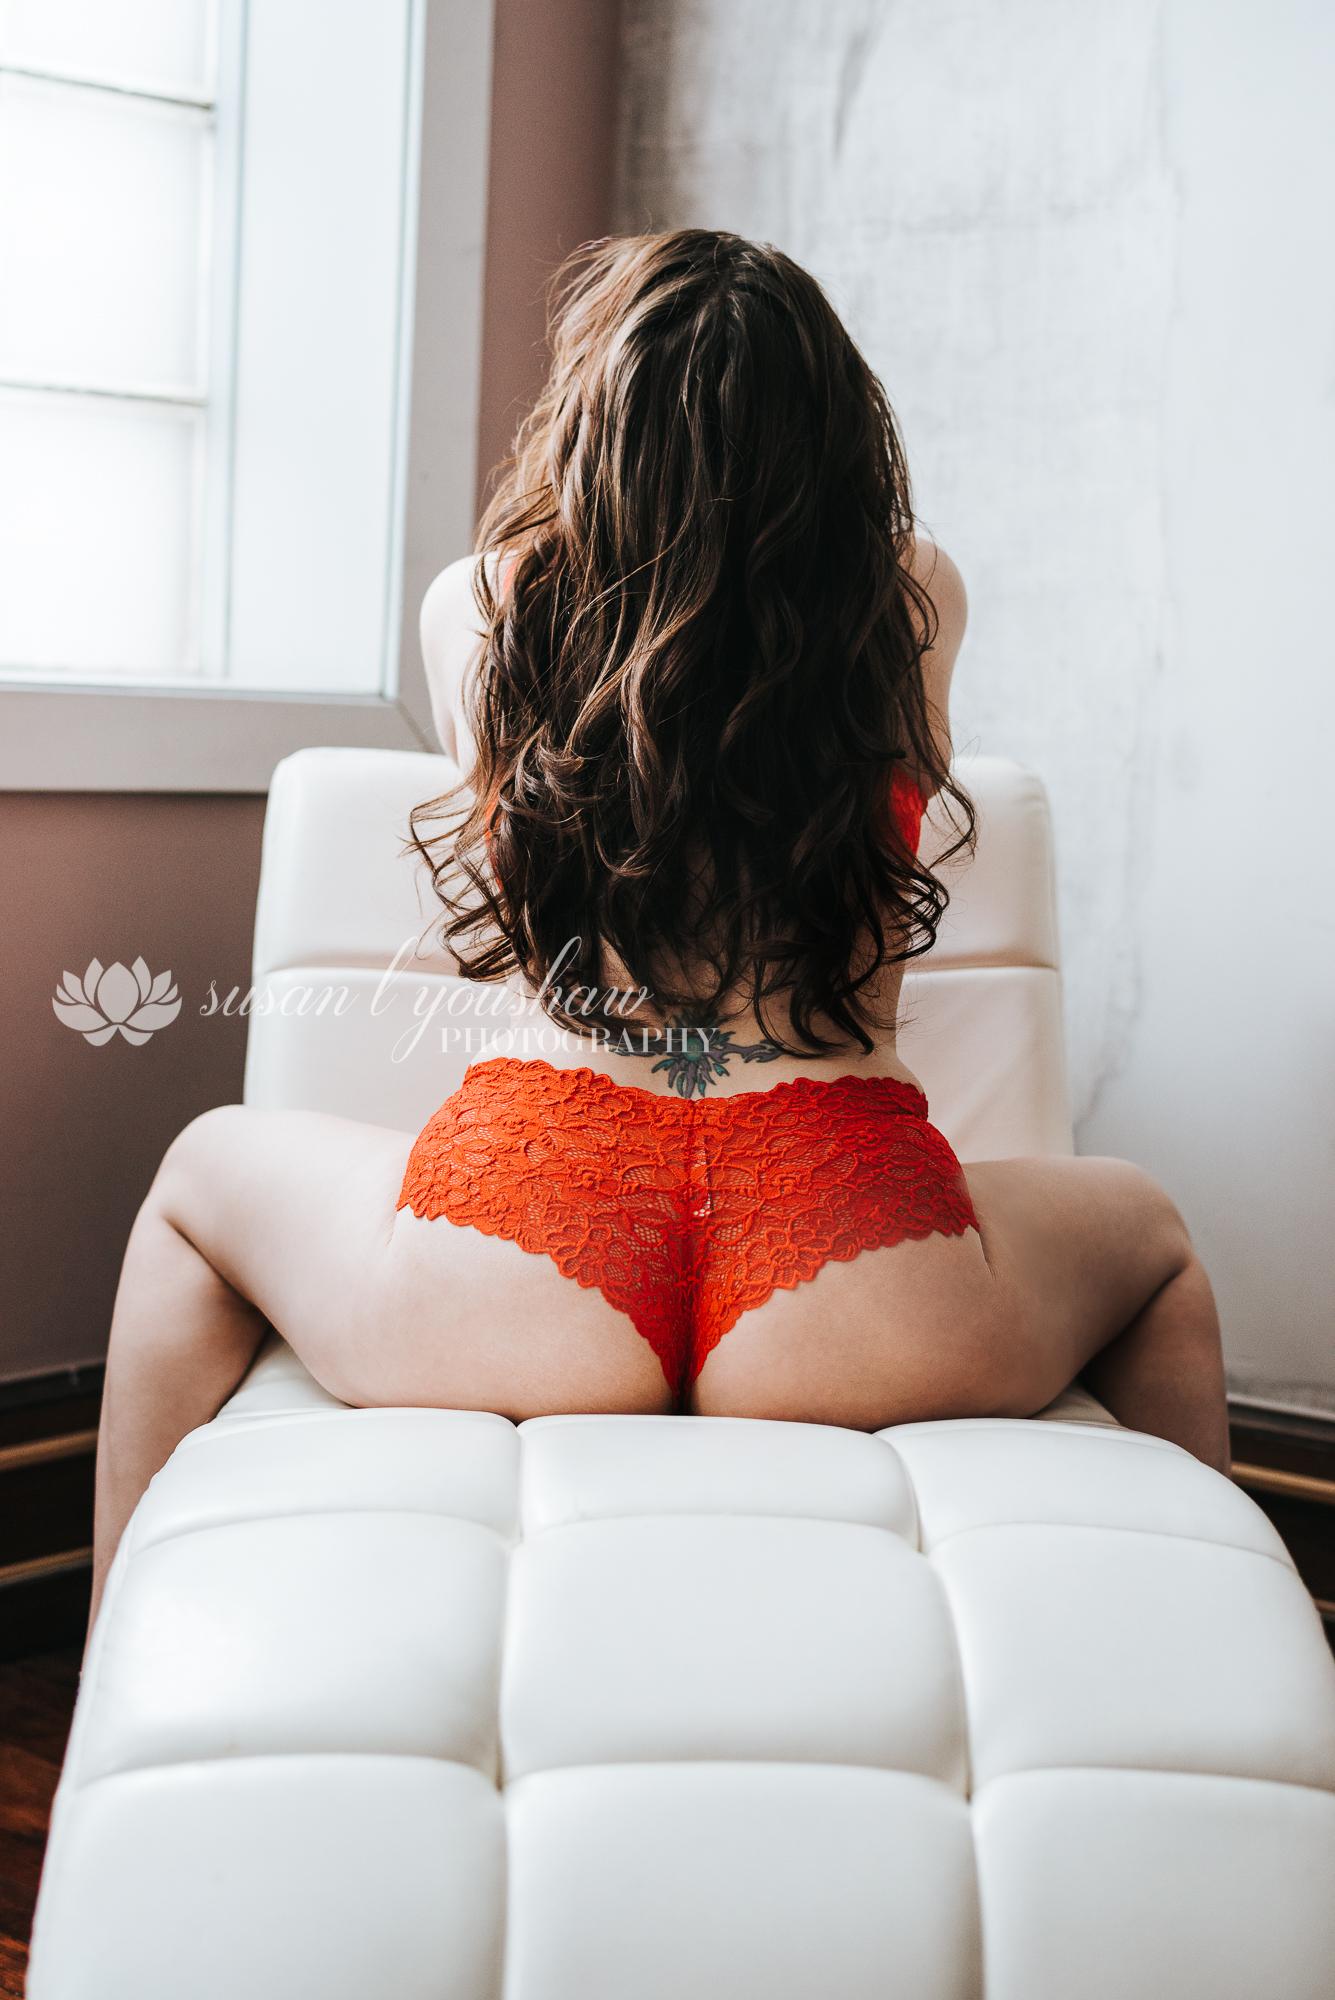 Boudoir Photos Miss S 03-02-2019 SLY Photography-3.jpg